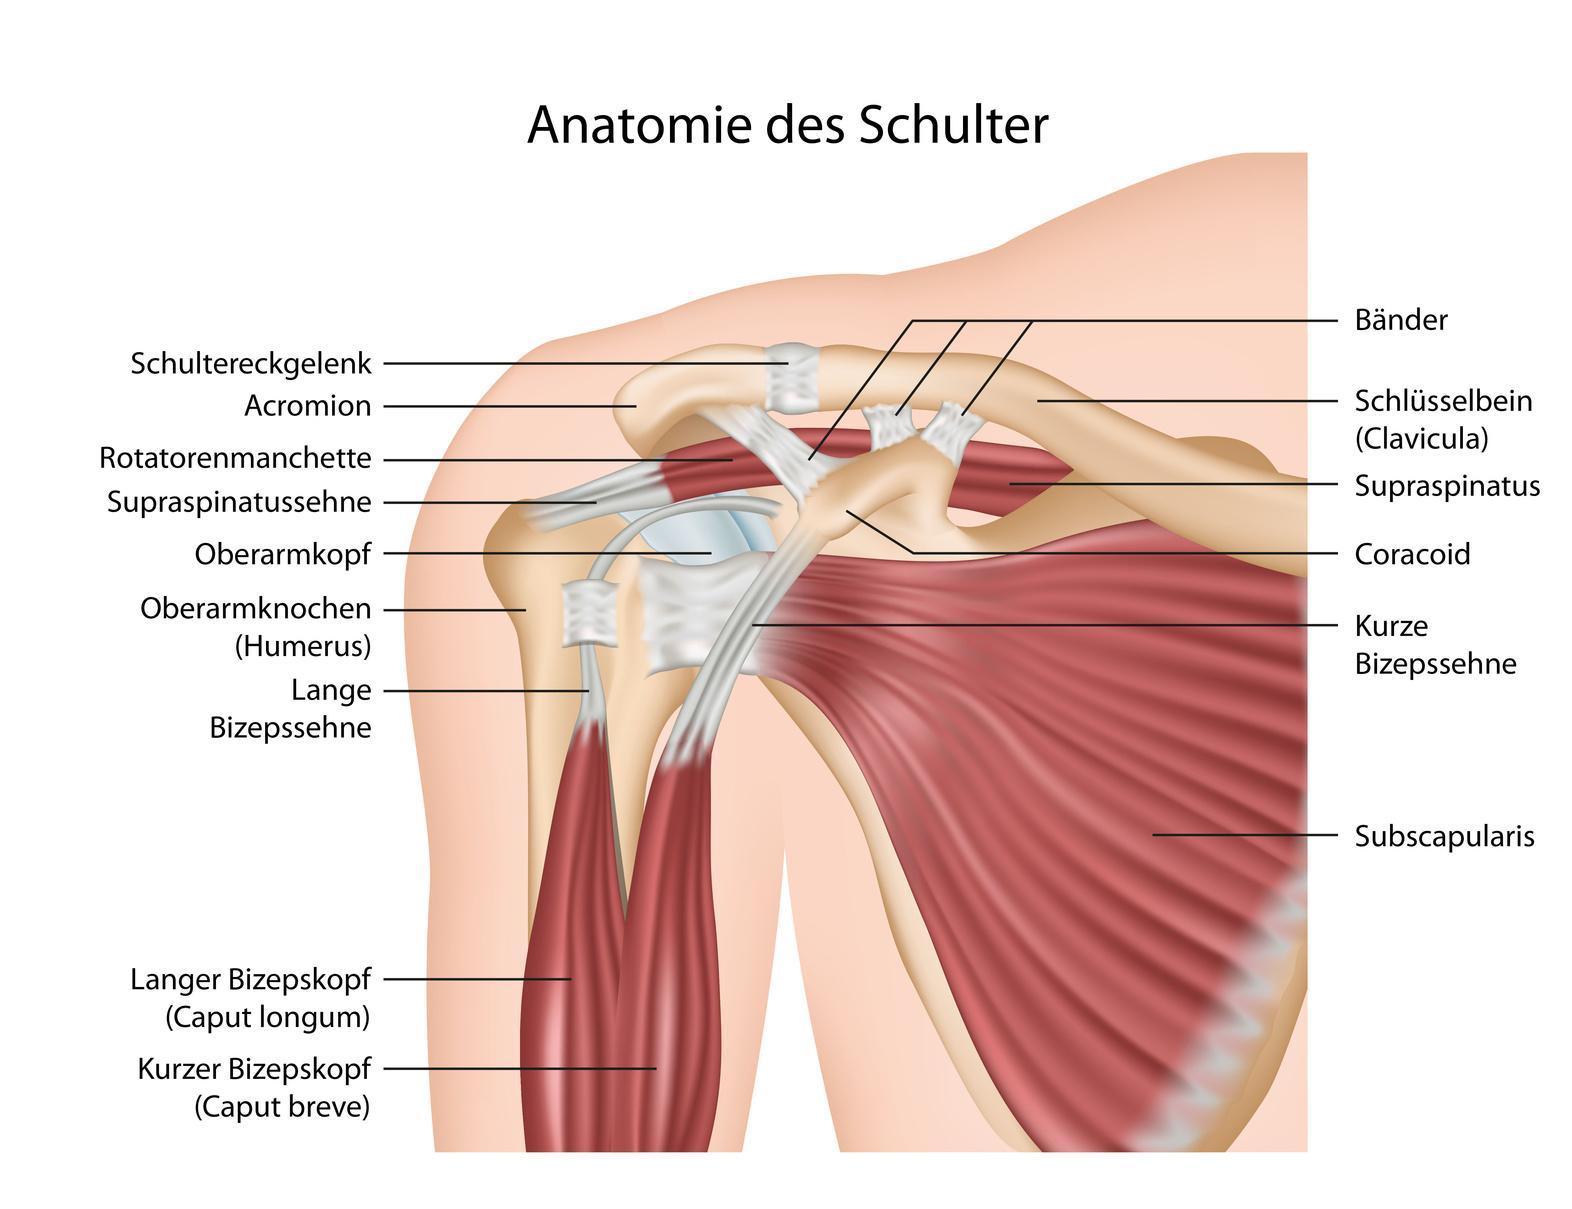 Wunderbar Diagramm Schultermuskeln Und Sehnen Bilder - Anatomie Und ...